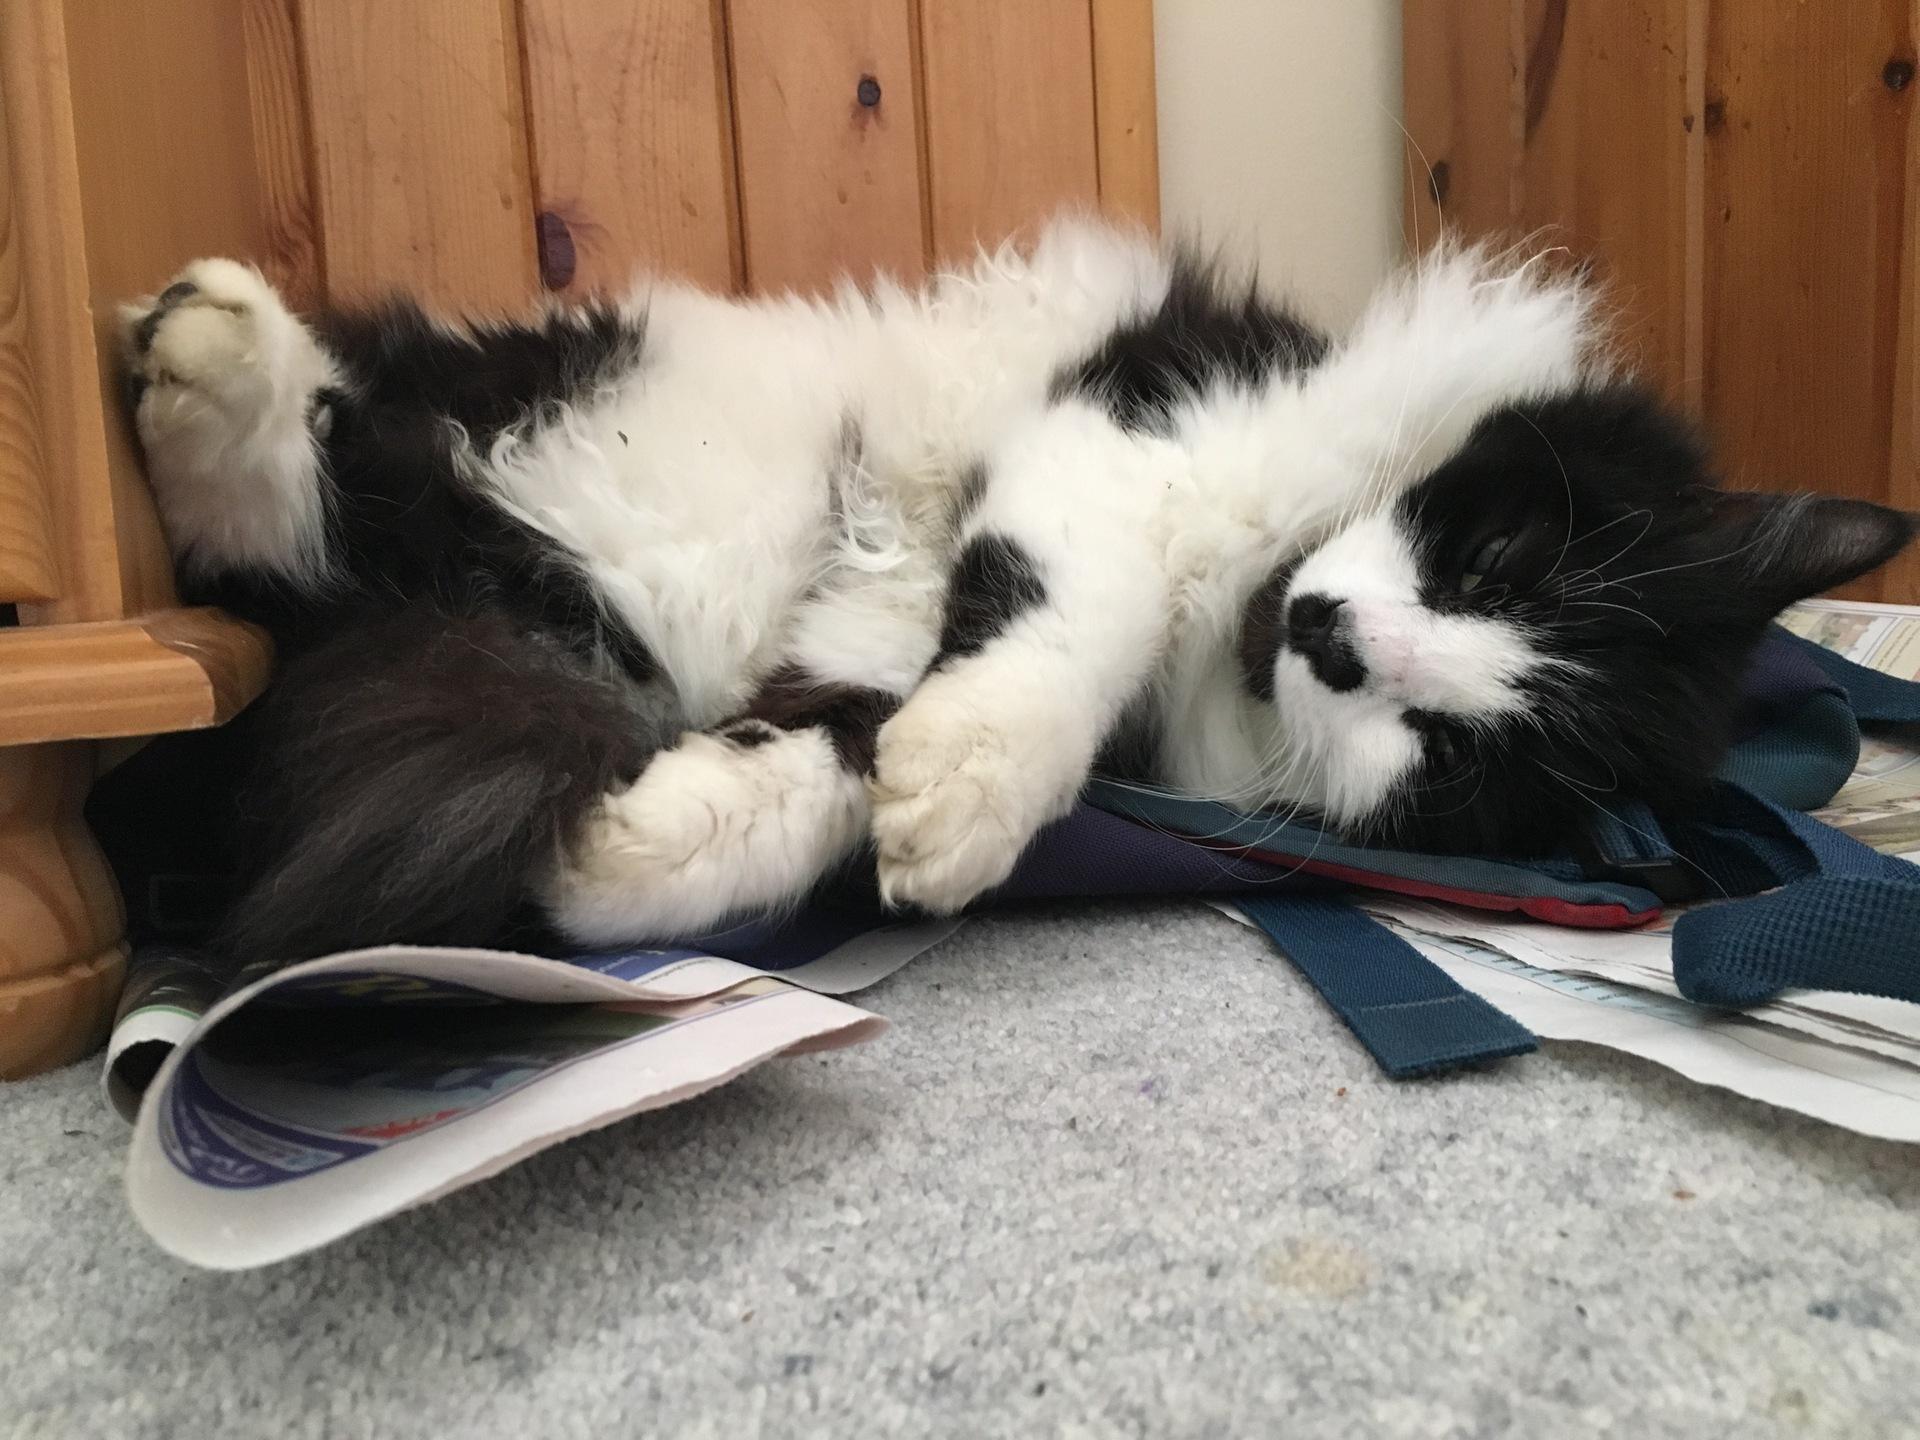 Durham Home – Felis silvestris (domestic cat) 'Mr Mittens' — Mon 03 Apr 2017 09-23-20 BST — 2202758216